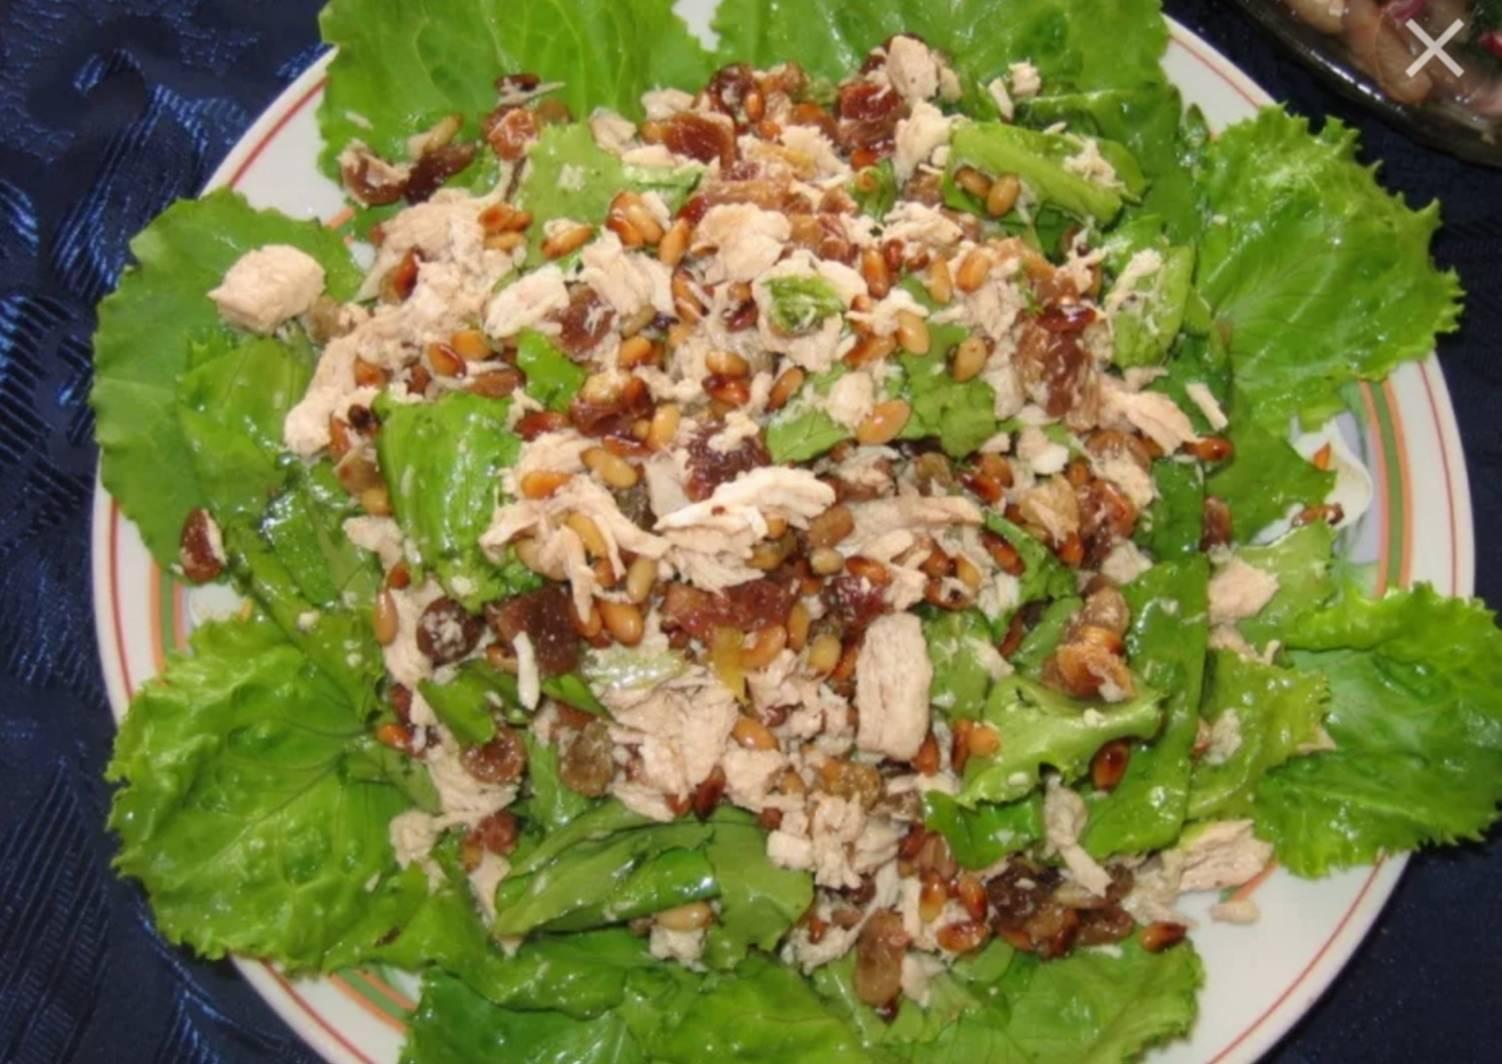 Салат с кедровым орехом - 859 рецептов: салаты | foodini